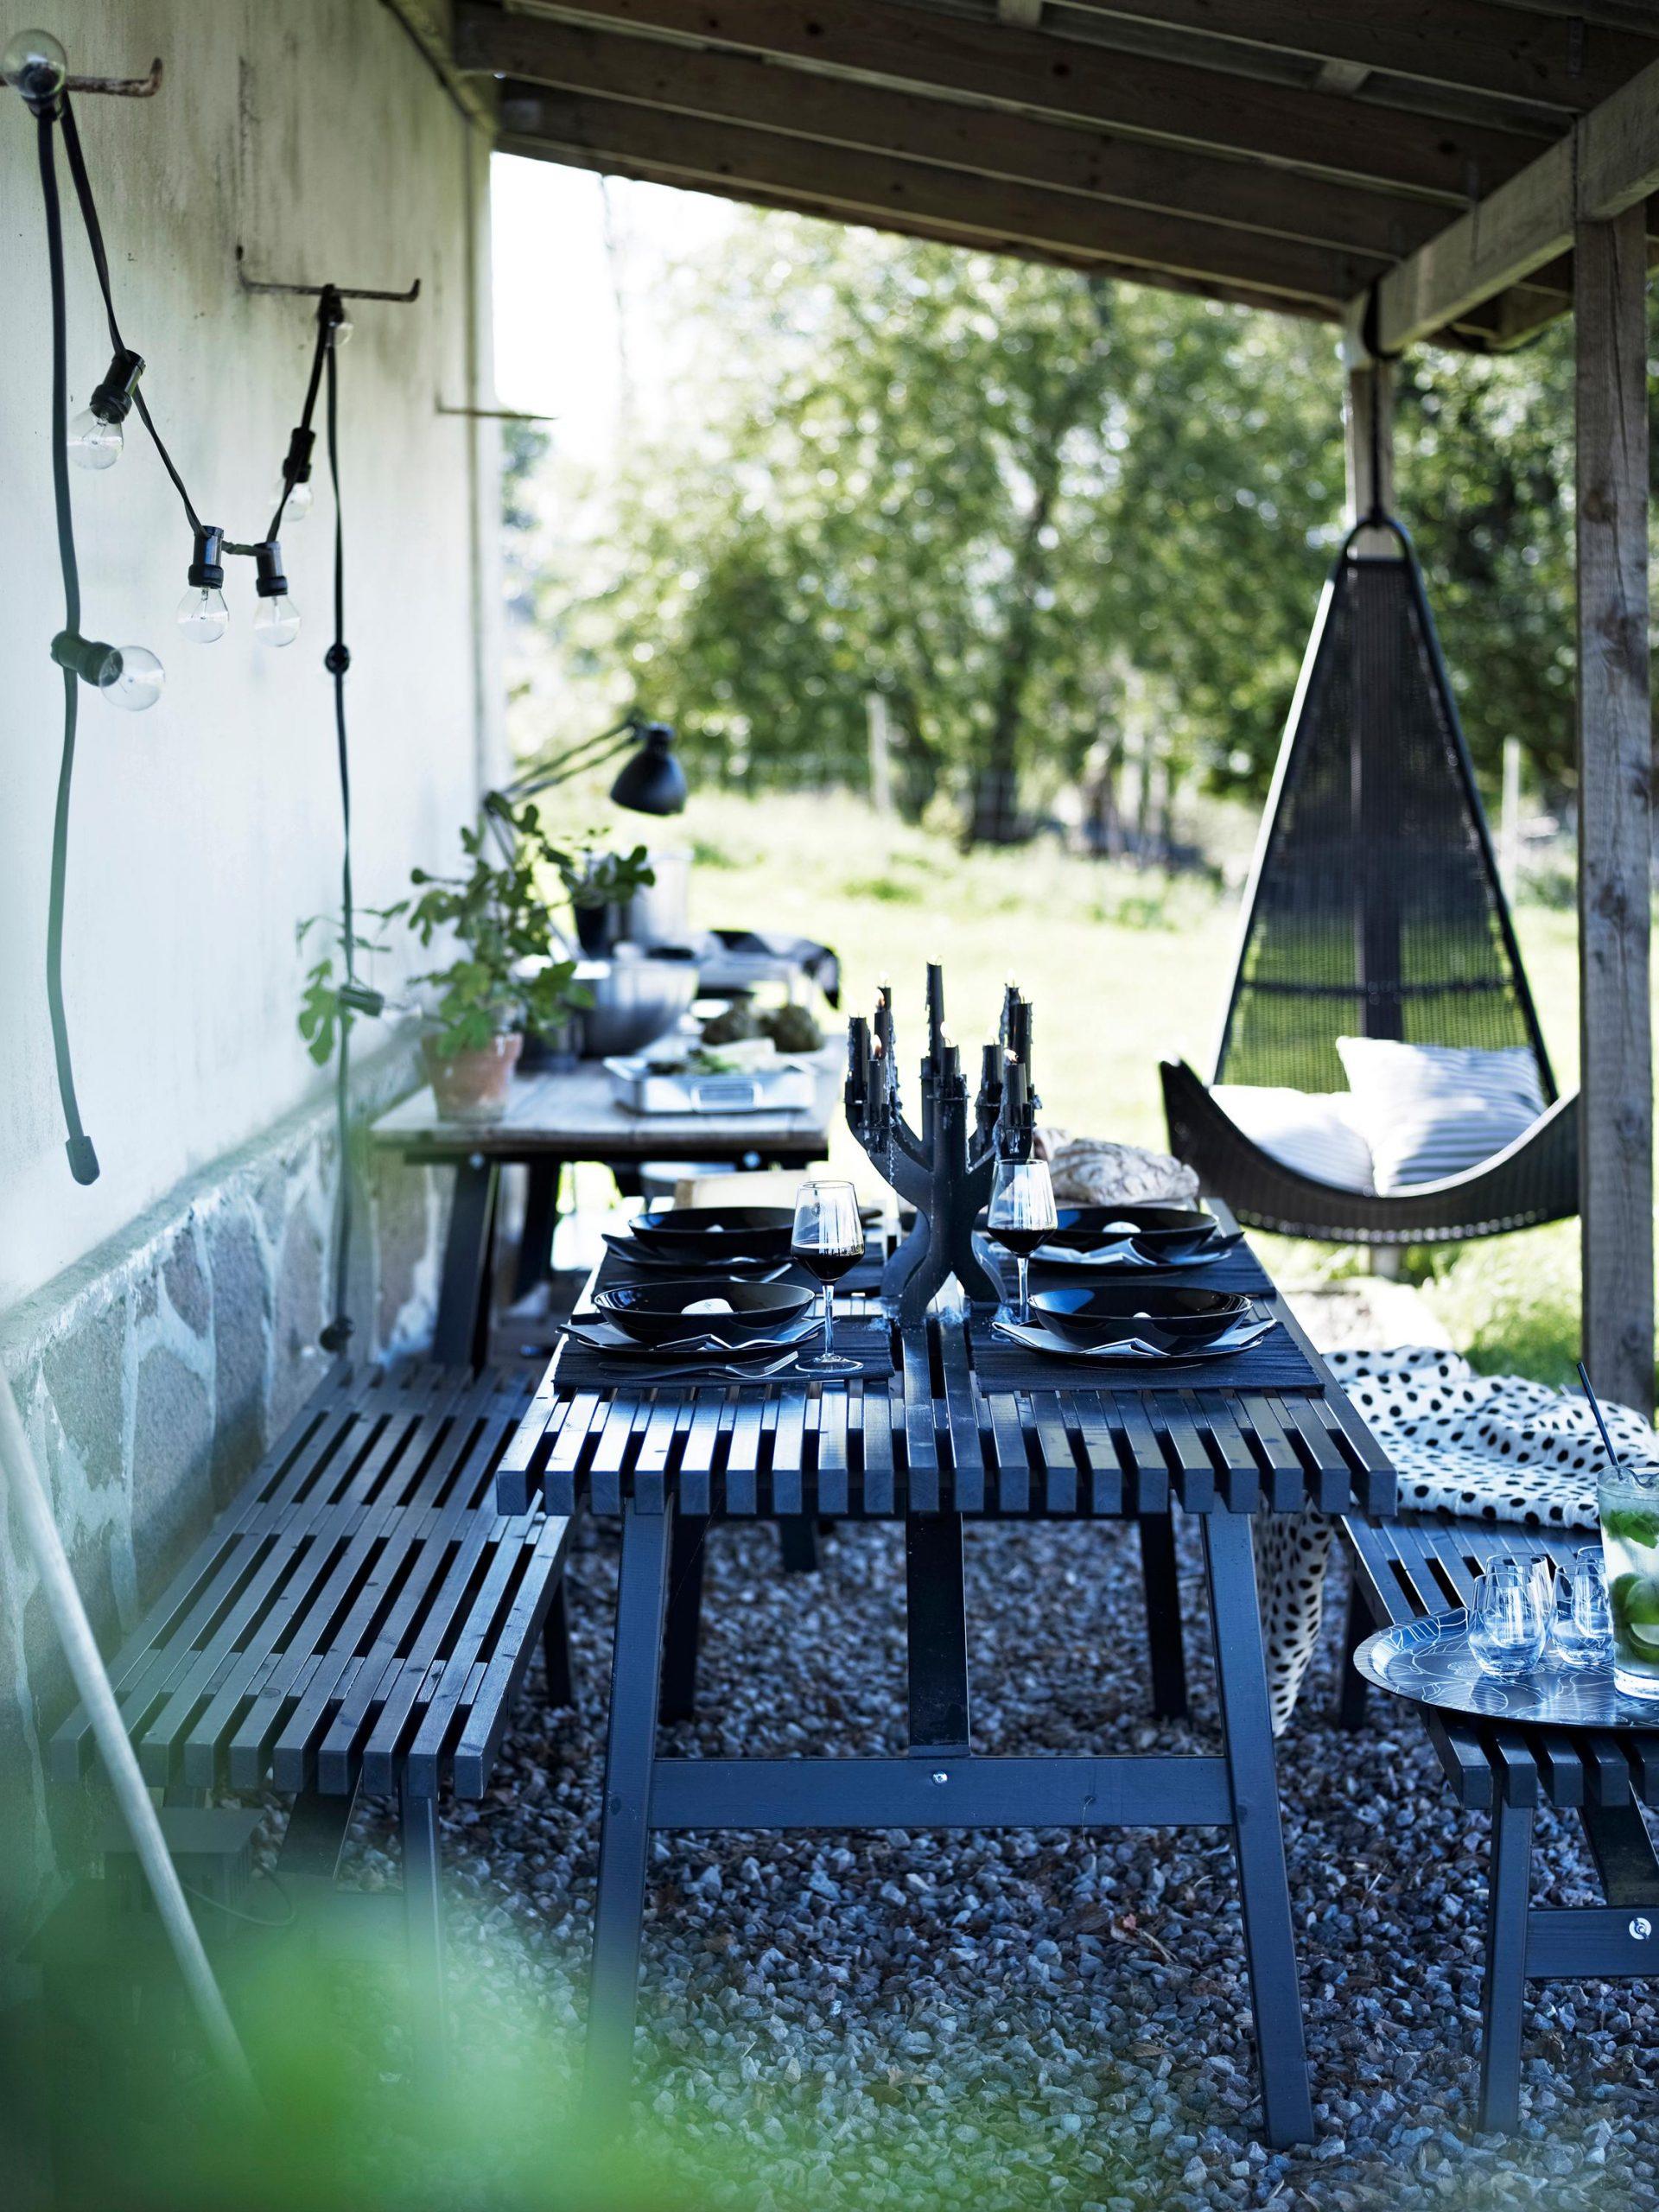 Full Size of Gartentisch Ikea Garten Mit Gemtlicher Sitzecke In Schwarz Terrasse Miniküche Sofa Schlaffunktion Küche Kosten Betten Bei Kaufen Modulküche 160x200 Wohnzimmer Gartentisch Ikea